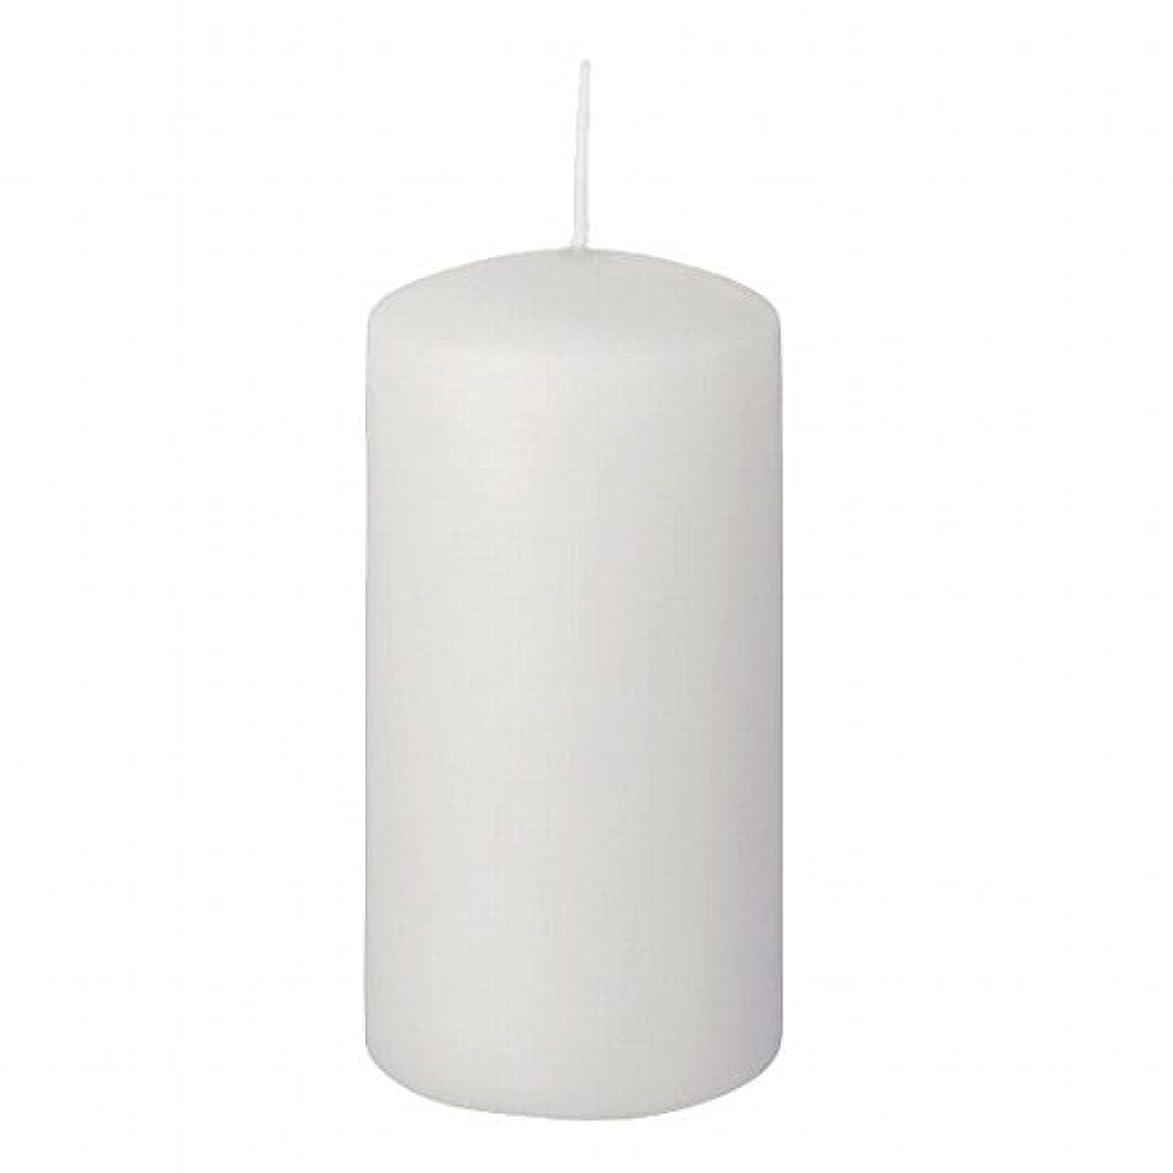 支払い信頼性逃れるヤンキーキャンドル(YANKEE CANDLE) 4インチピラー50 「 ホワイト 」